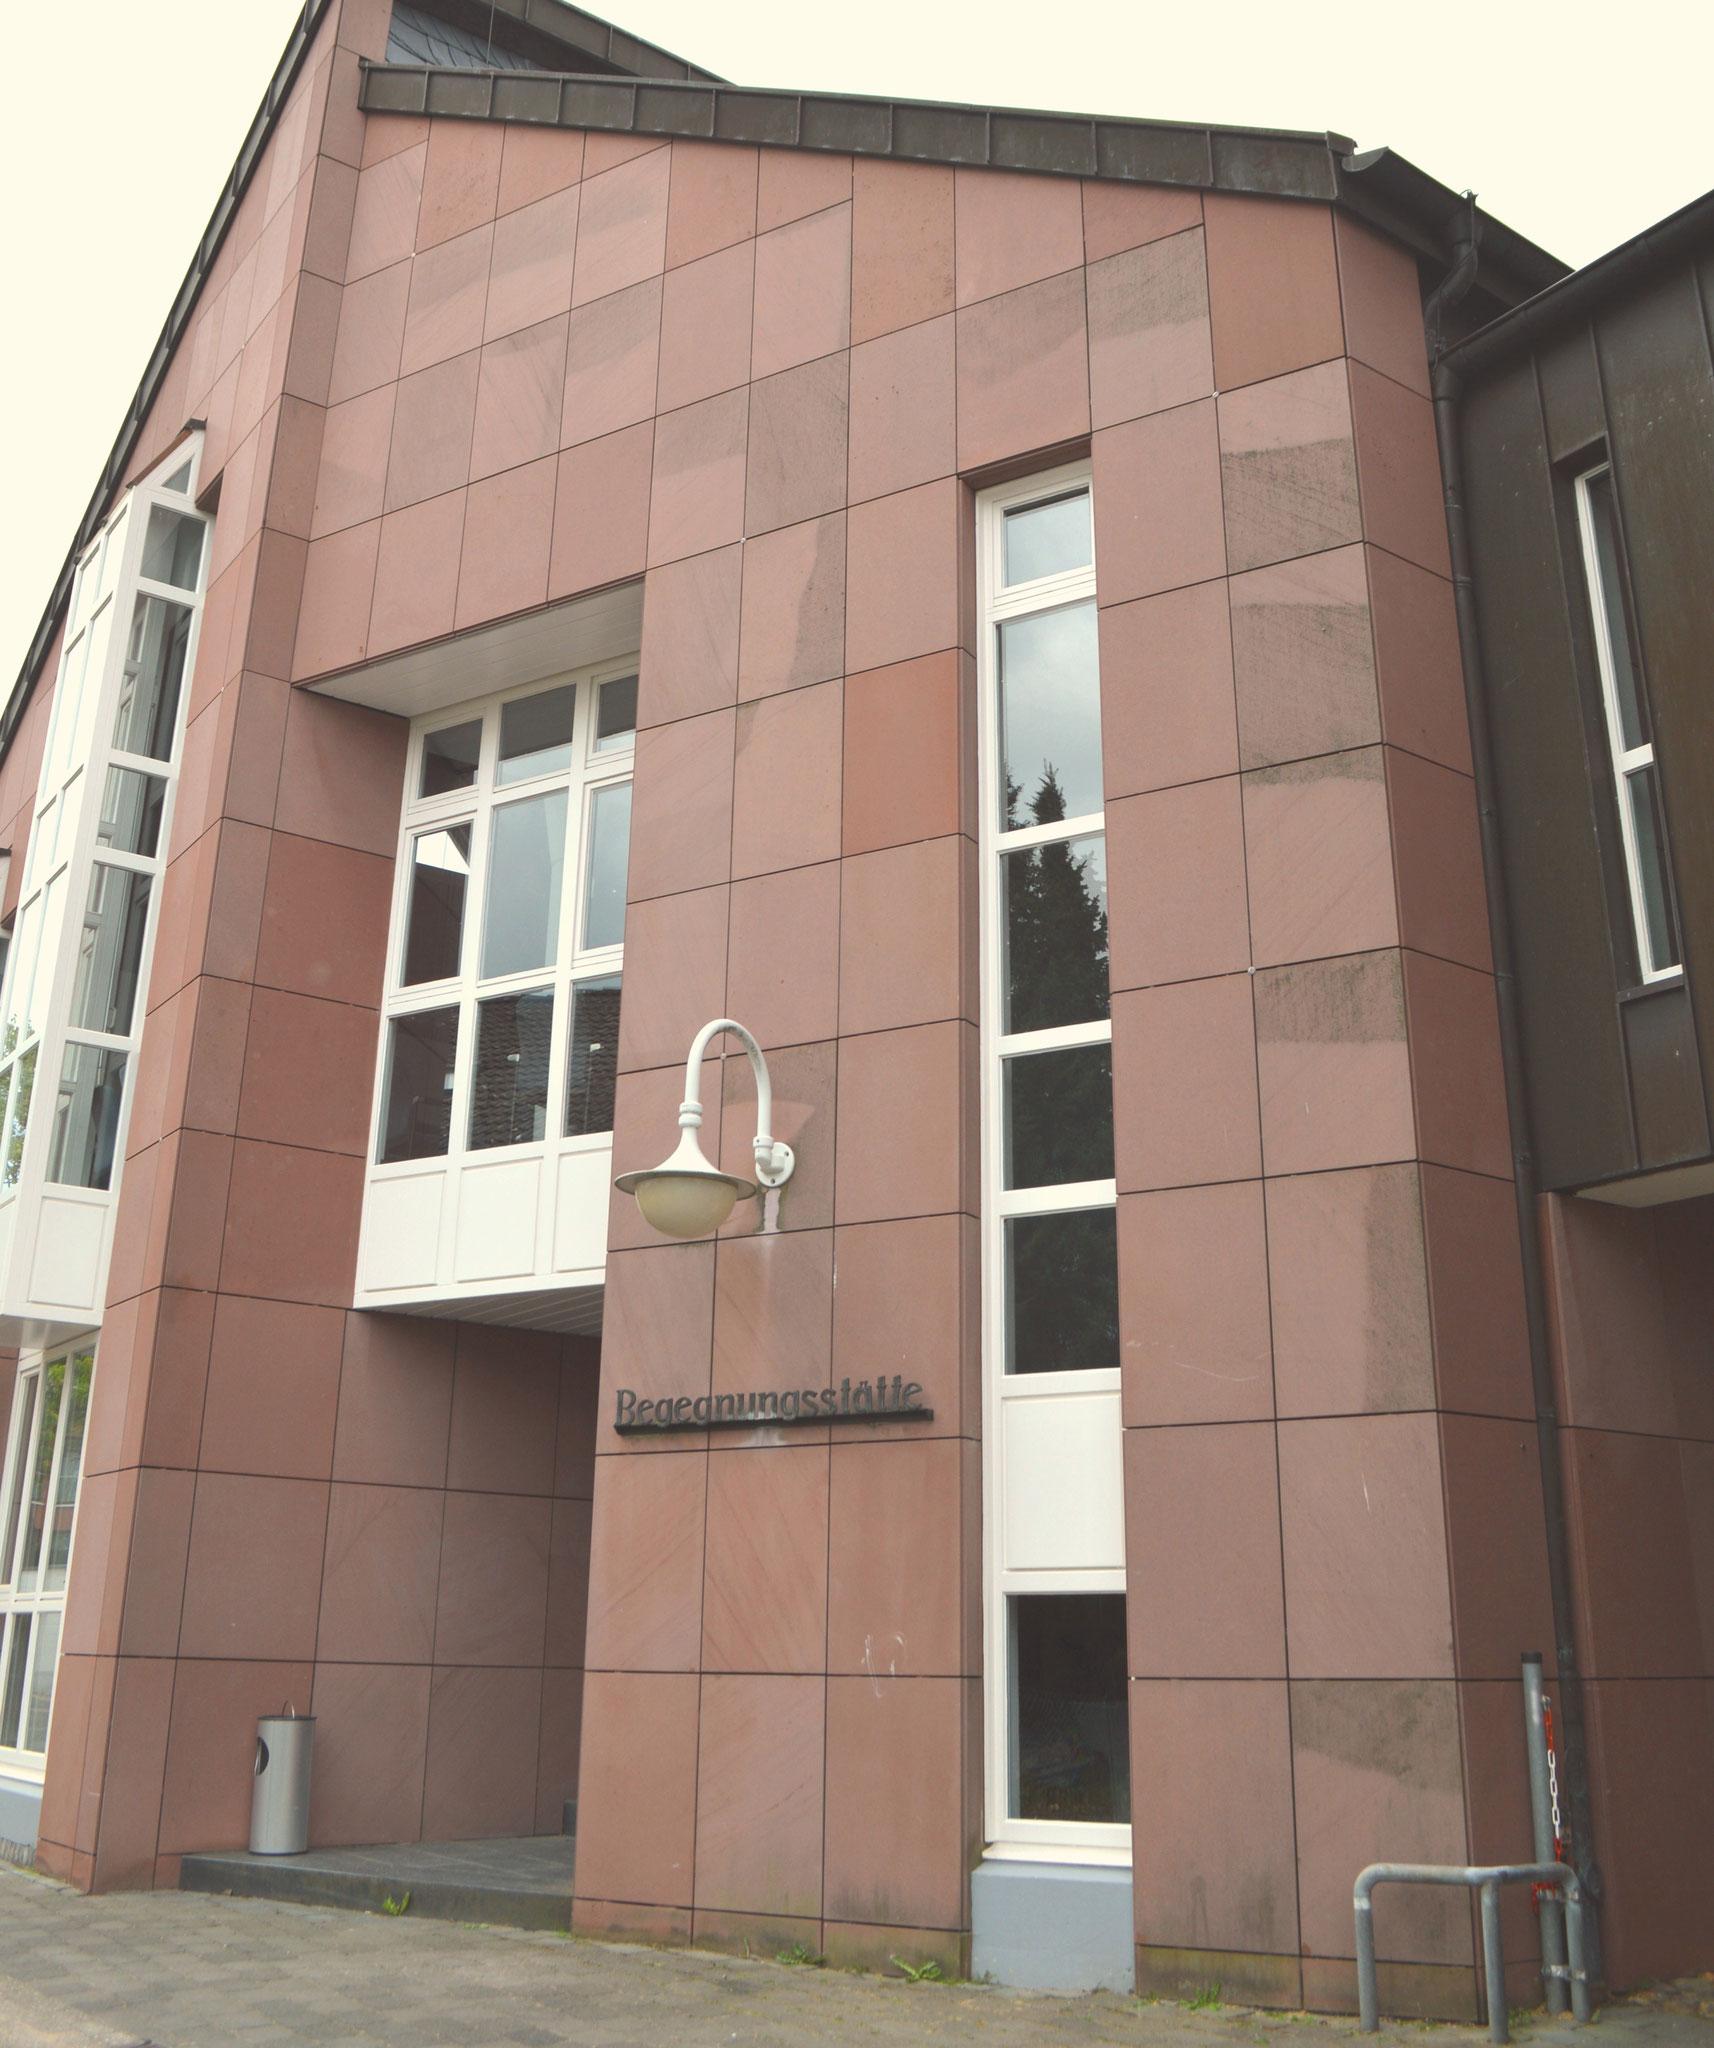 Die Begegnungsstätte ist Sitzungsort des Stadtrates und seiner Ausschüsse.